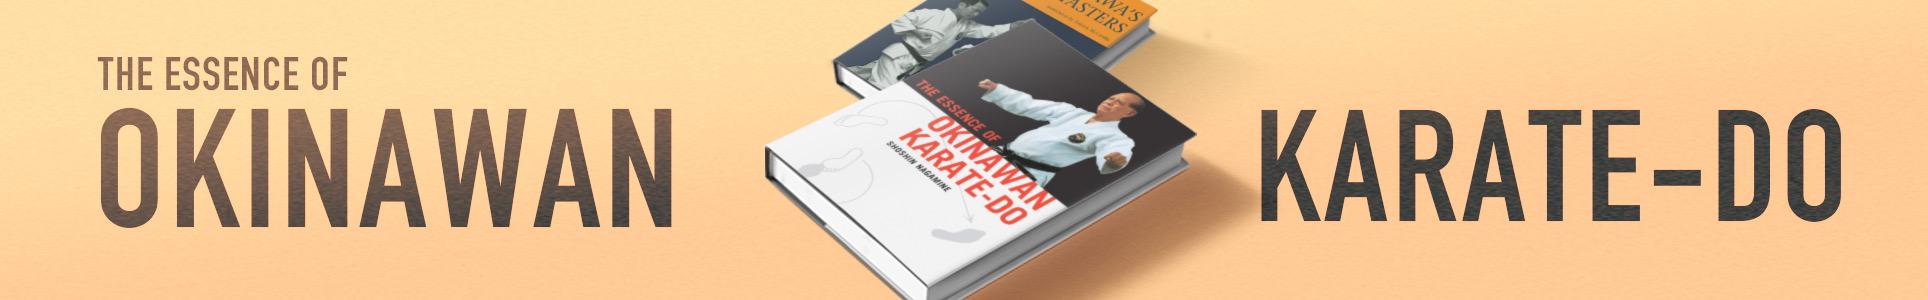 Shoshin Nagamine's The Essence of Okinawan Karate-do